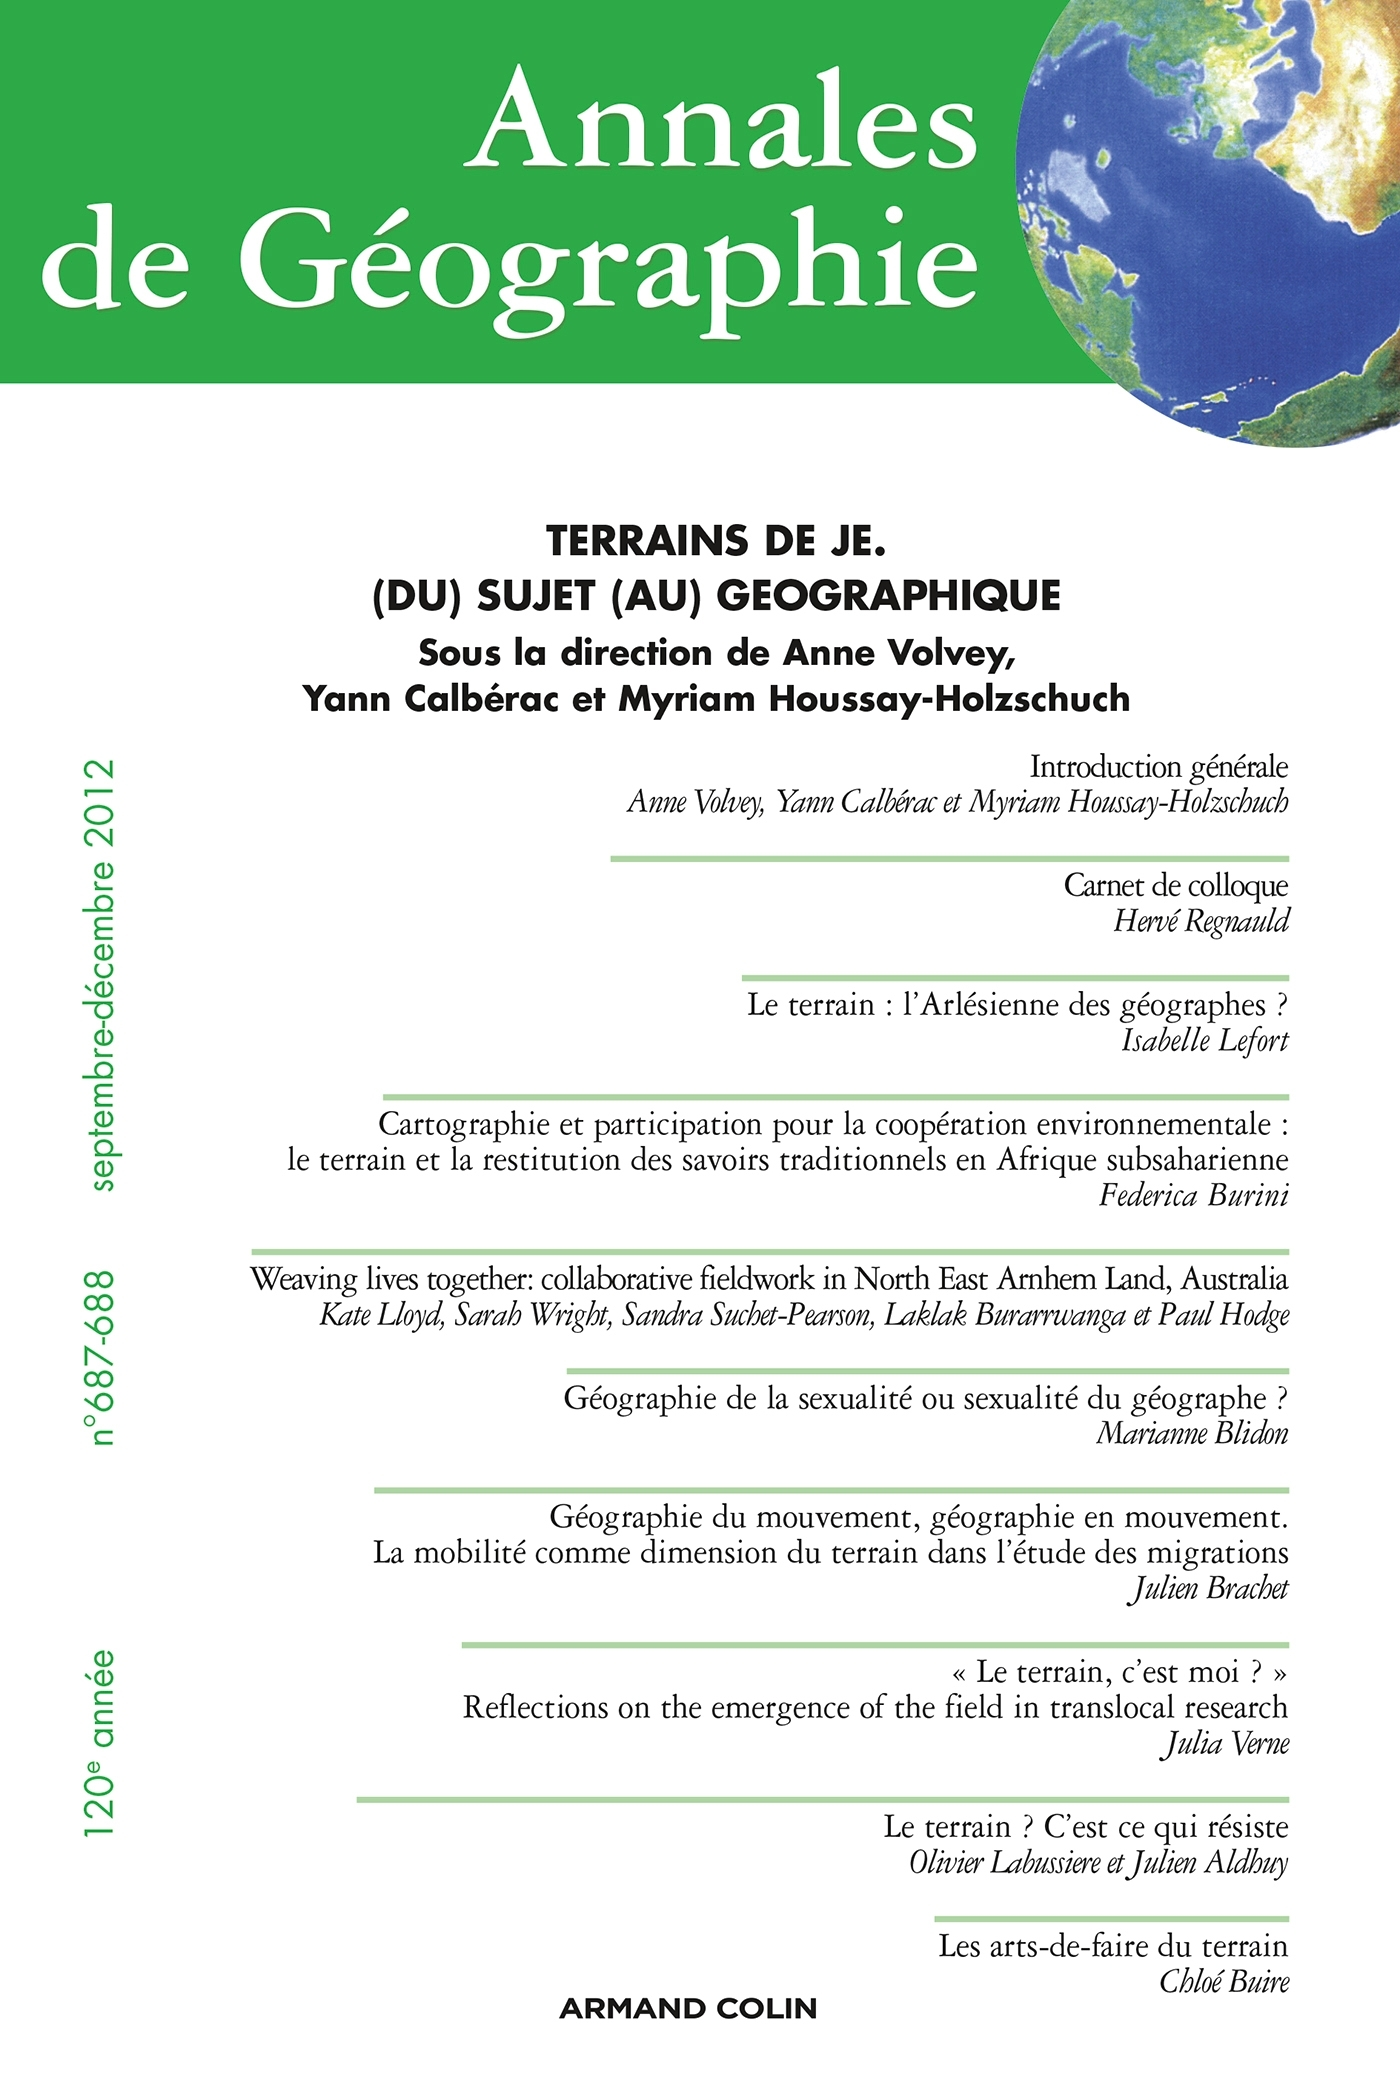 ANNALES DE GEOGRAPHIE N  687-688 (5-6/2012)